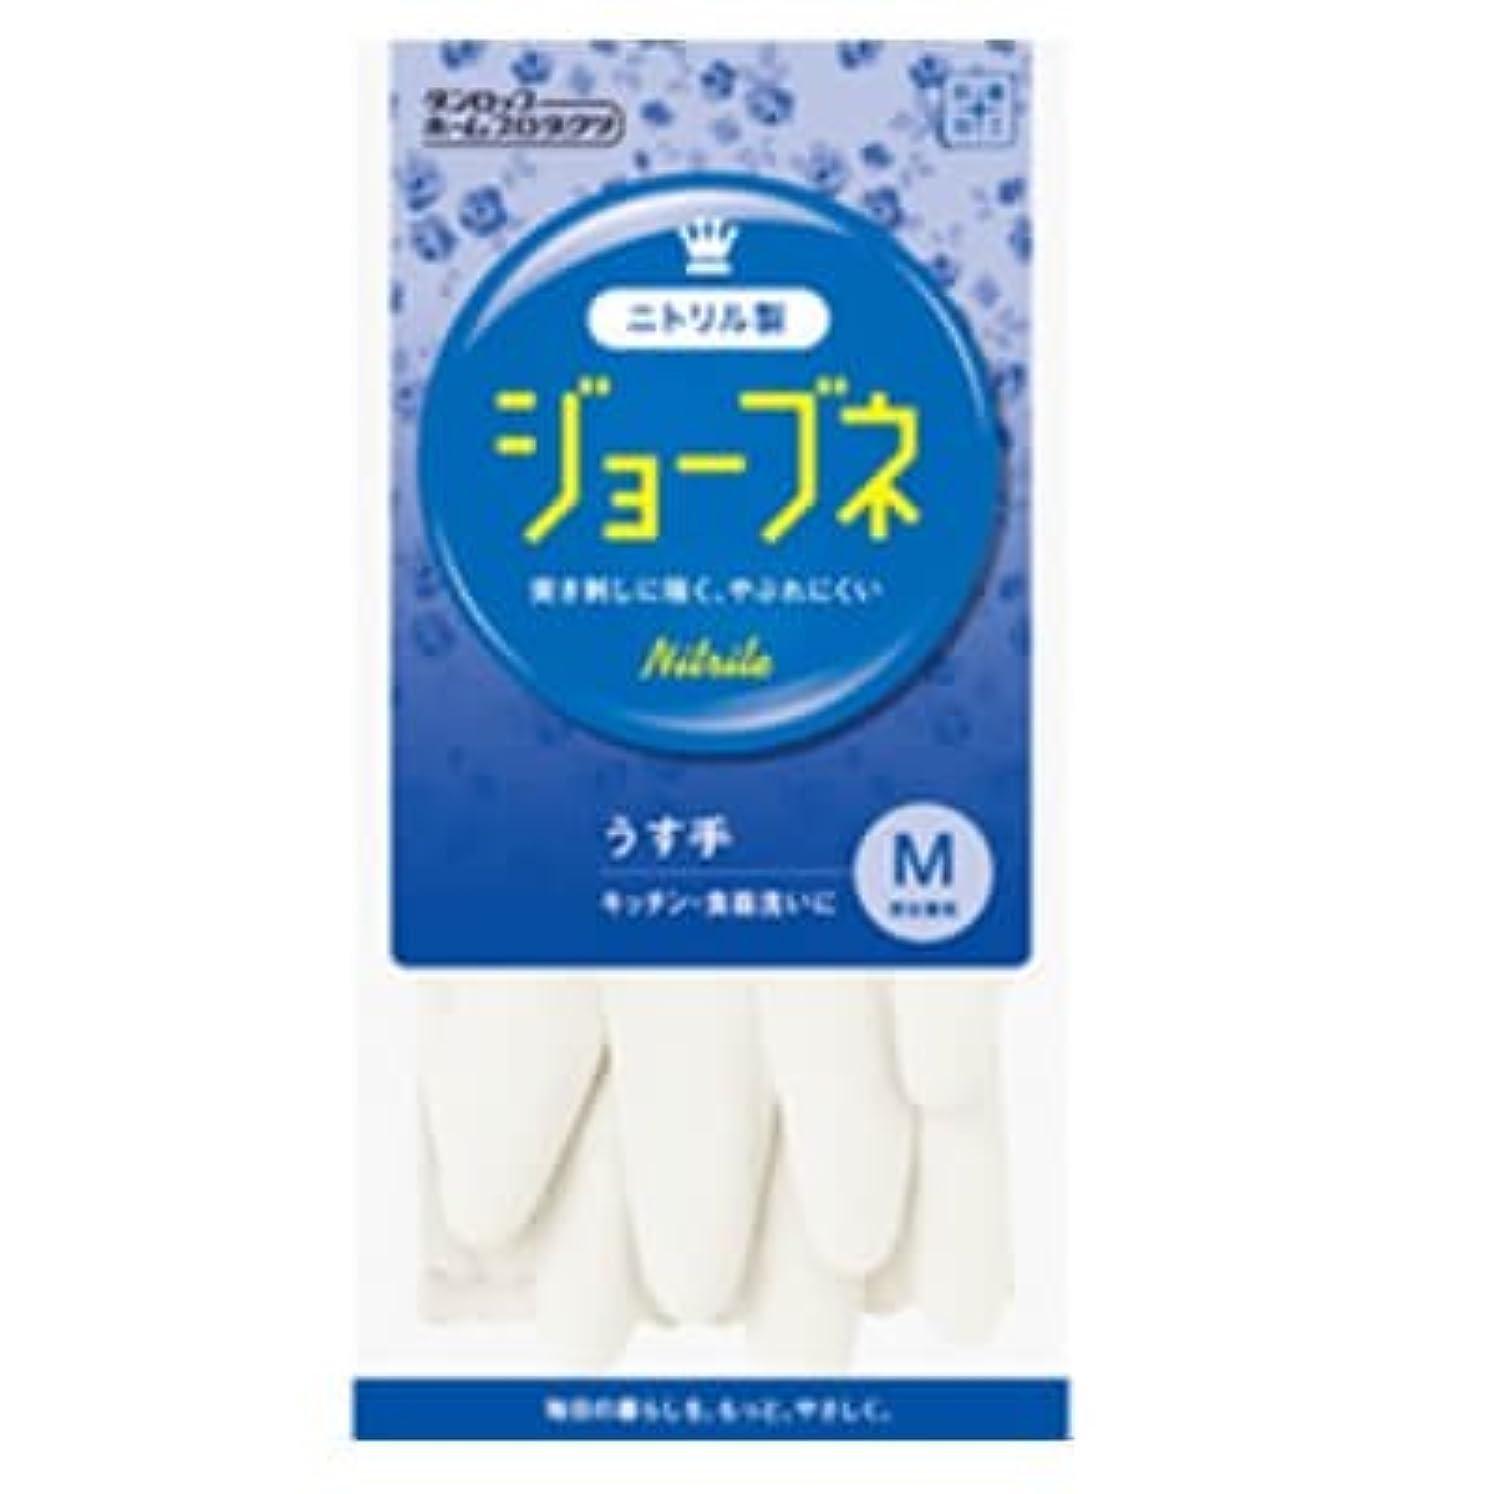 皮肉なしかしディレクトリ【ケース販売】 ダンロップ ジョーブネ うす手 M ホワイト (10双×24袋)